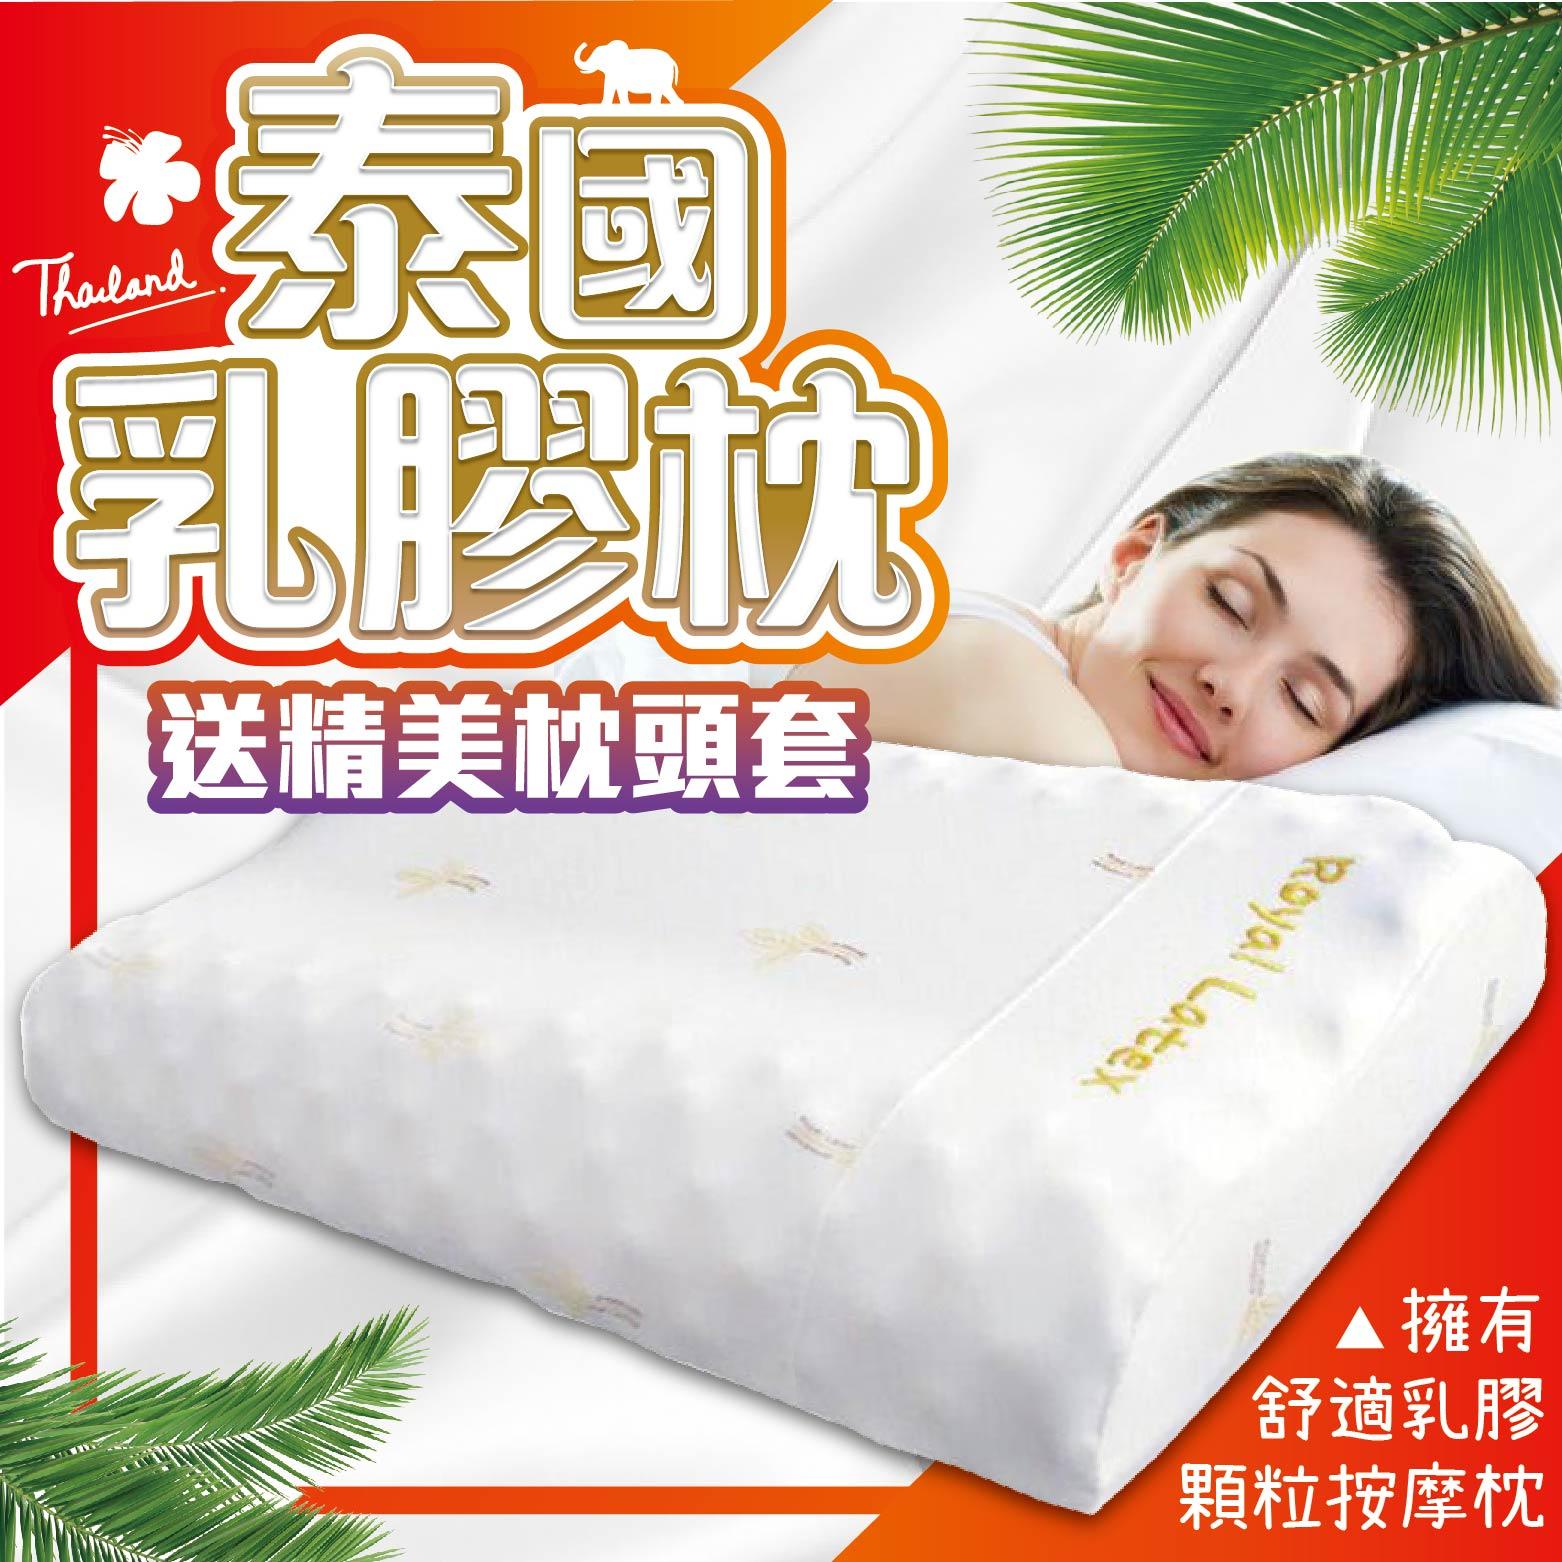 『現貨12H出貨』正品泰國皇家 Royal latex天然乳膠枕 高低顆粒乳膠枕 泰國乳膠枕 泰國按摩枕【HE058】